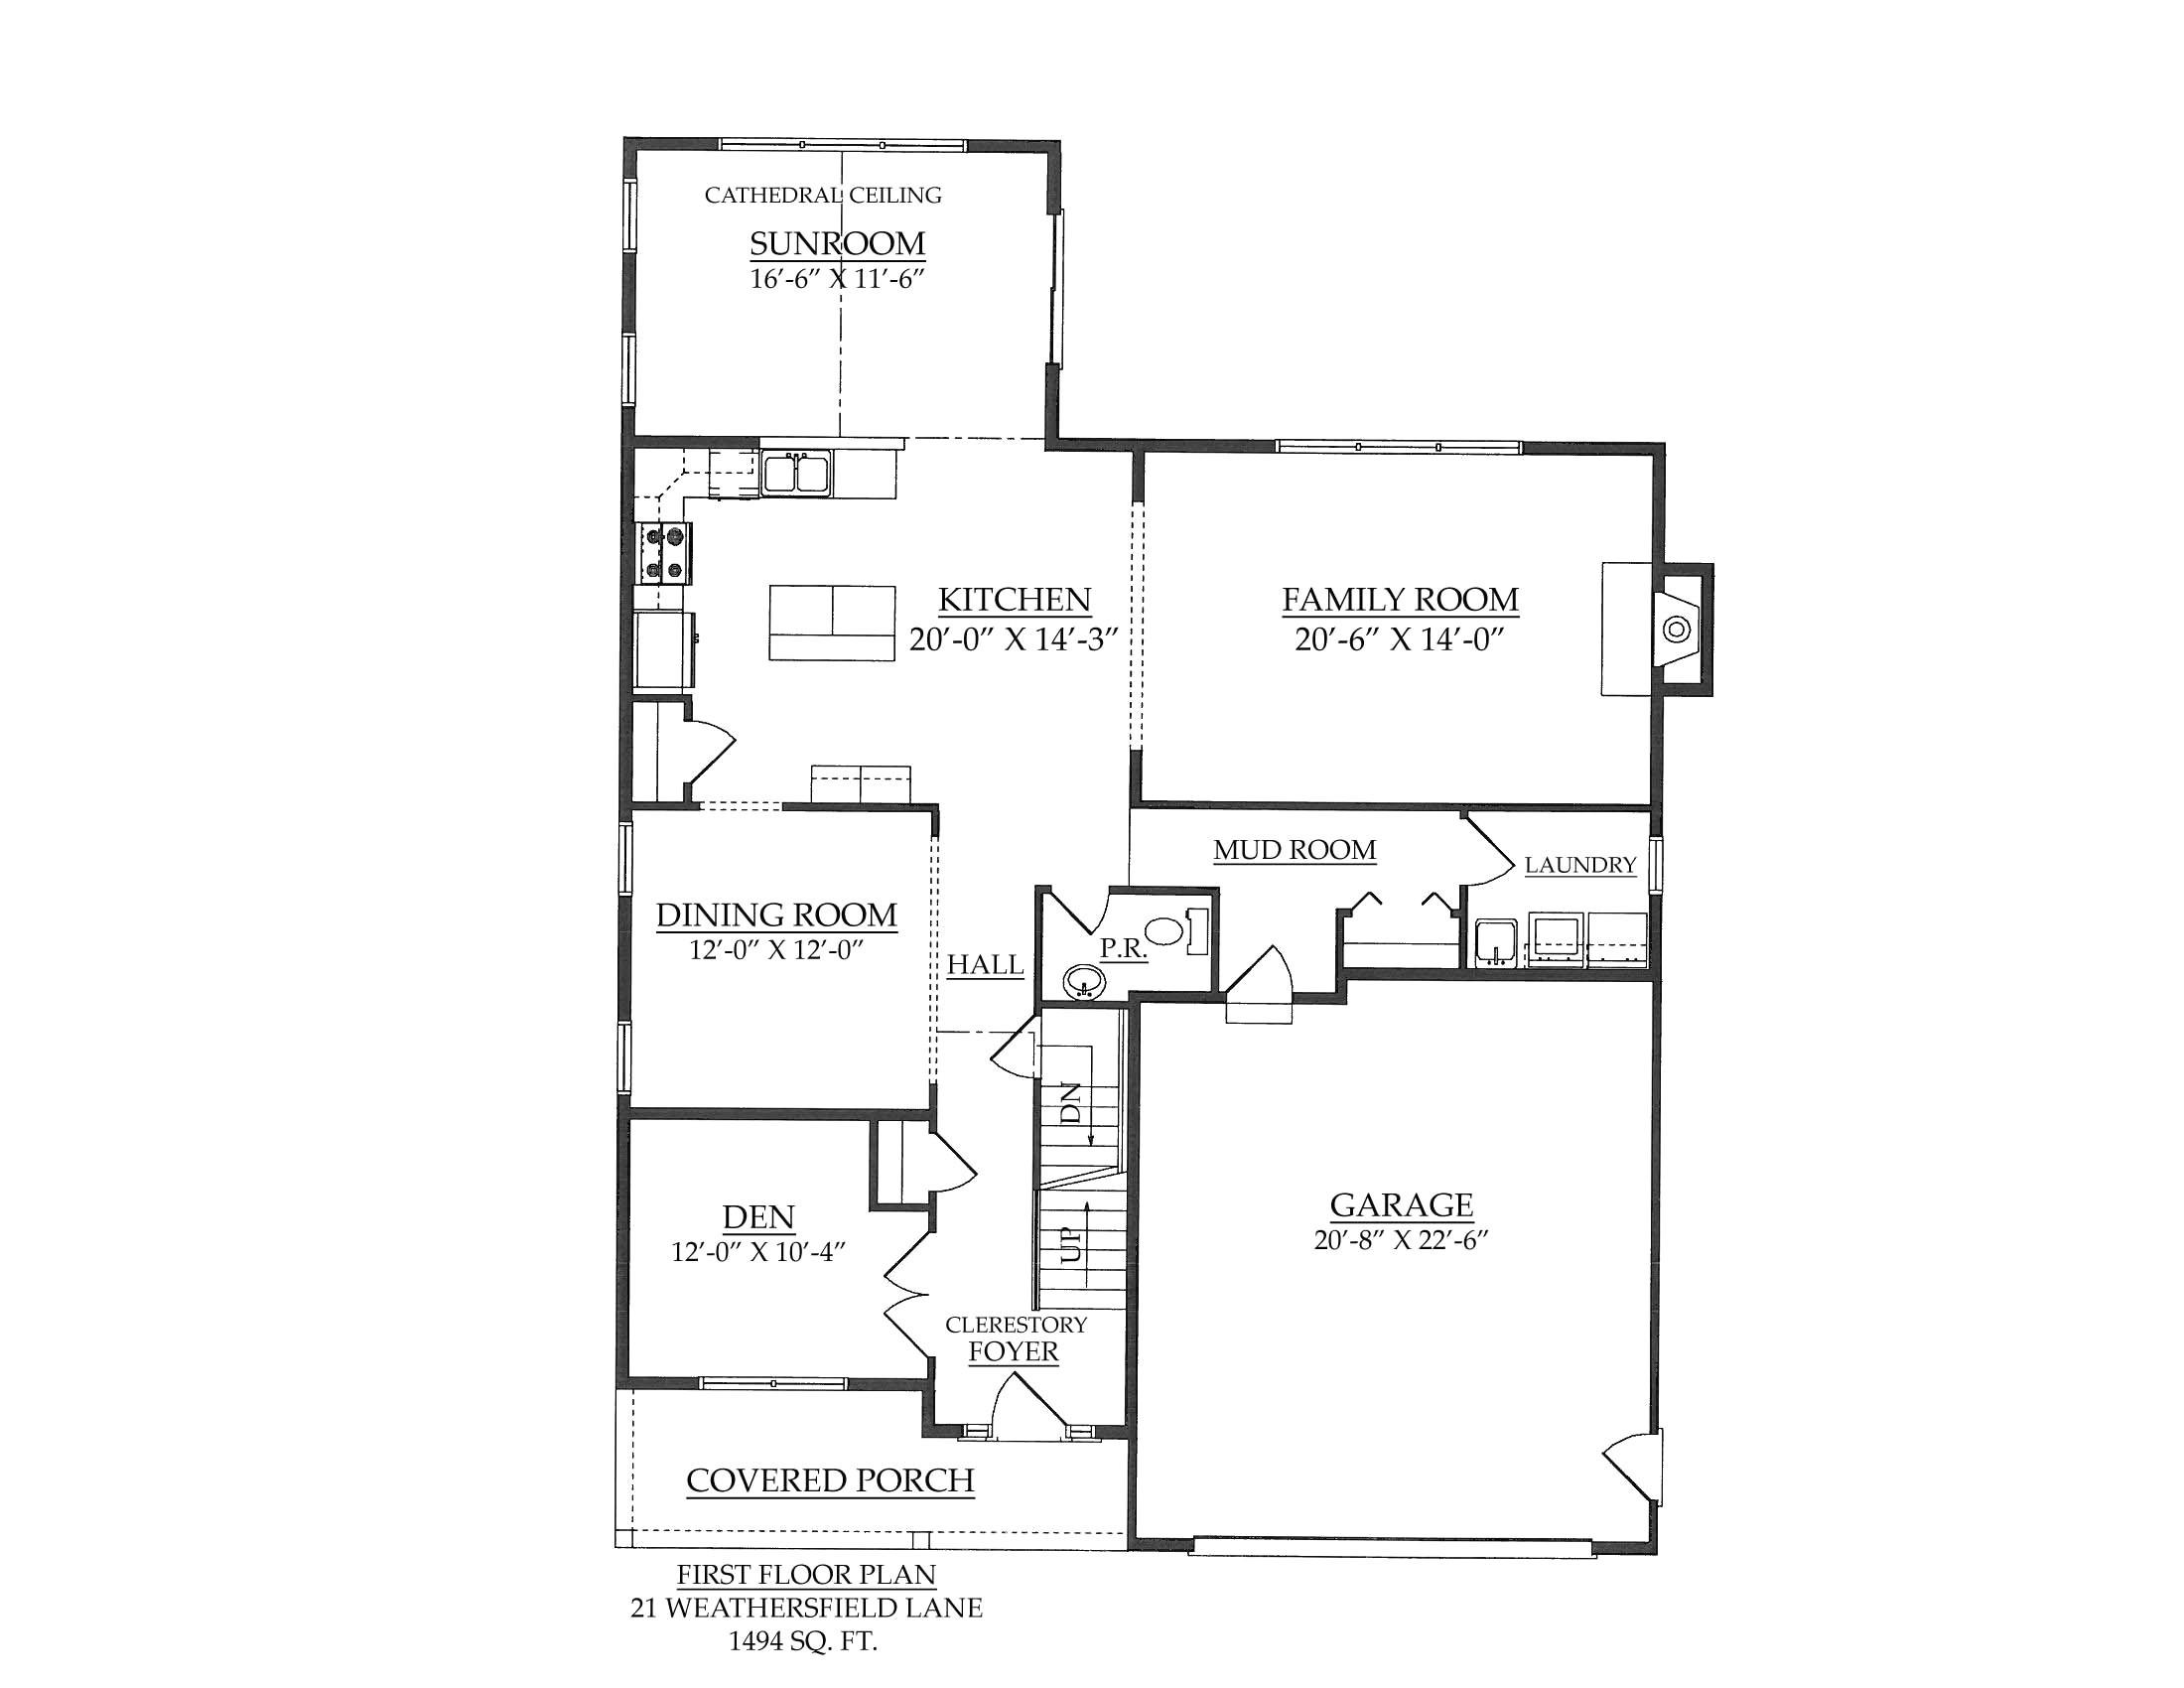 essex homes floor plans fresh 49 fresh es homes floor plans house design 2018 house design 2018